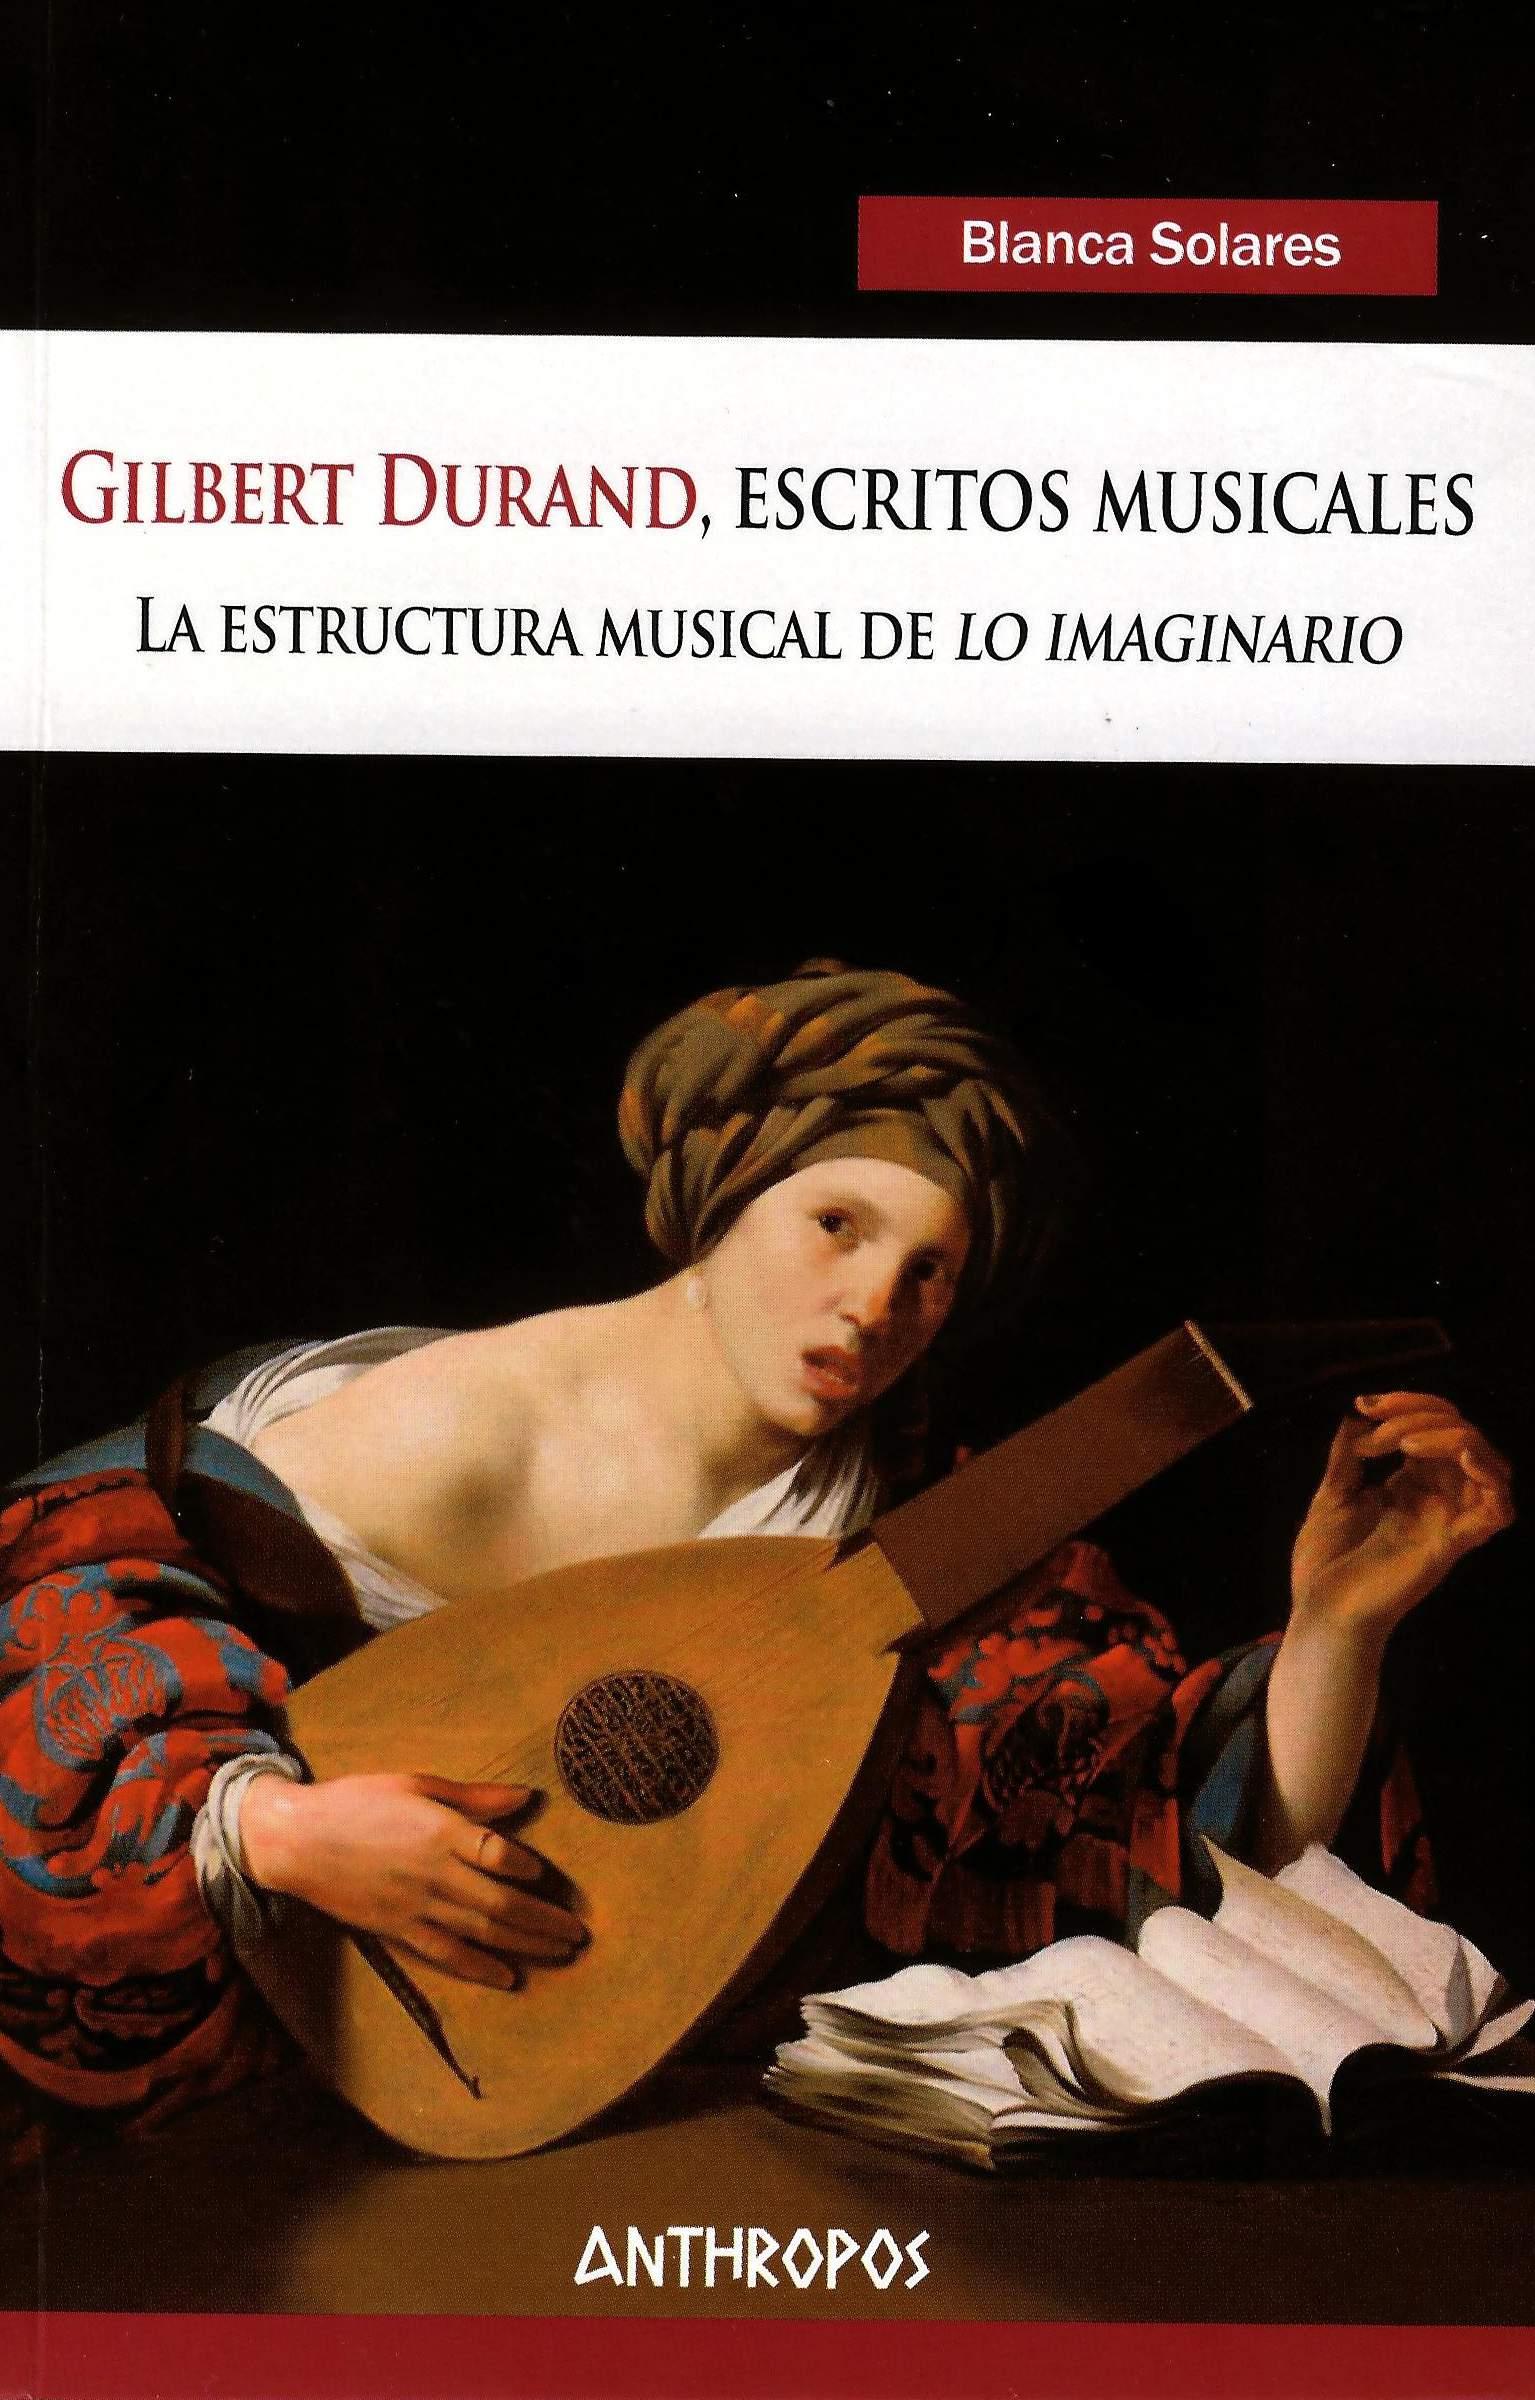 Gilbert Durand, escritos musicales: La estructura musical de lo imaginario